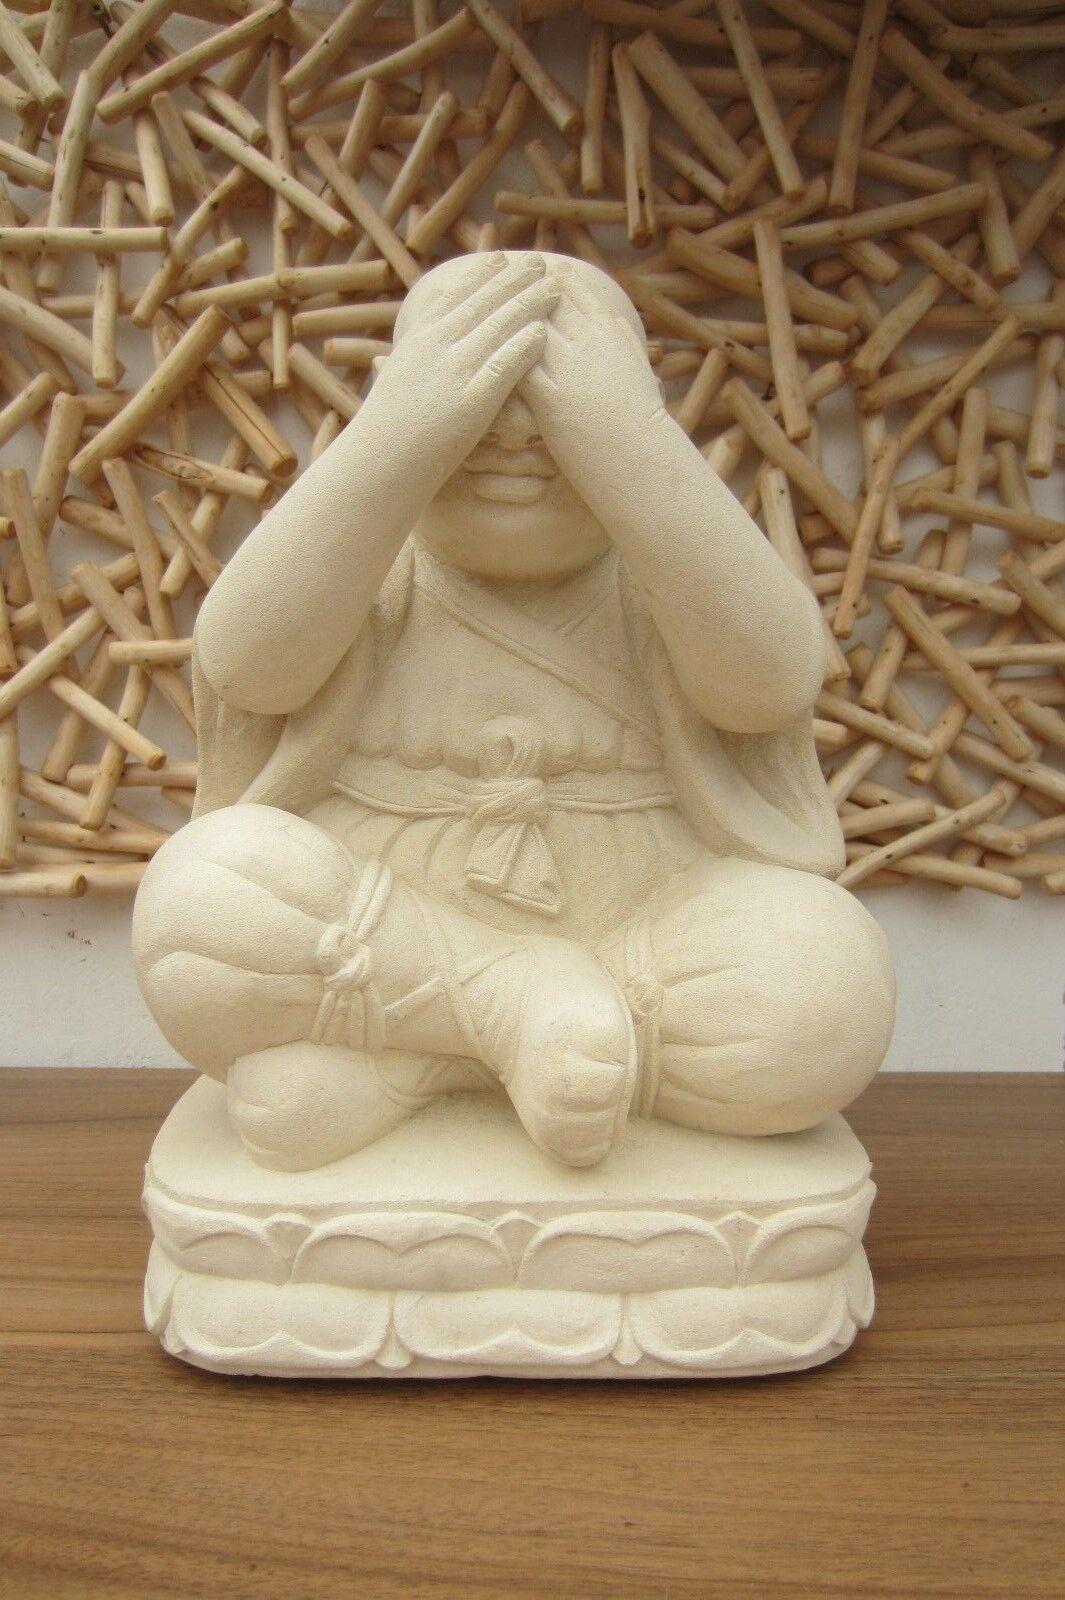 MÖNCH 30CM SANDSTEIN SKULPTUR FIGUR STEIN DEKORATION BUDHA ASIA-STONE-KÖLN